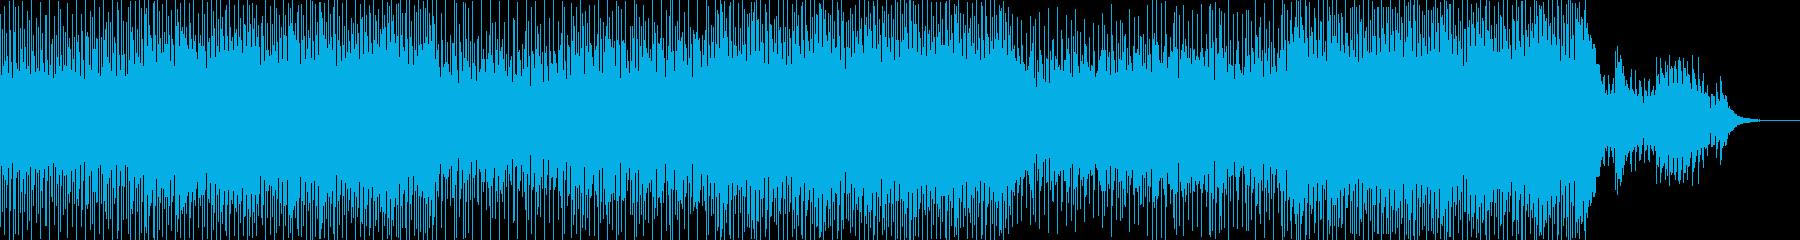 エレクトロニック 技術的な ハイテ...の再生済みの波形